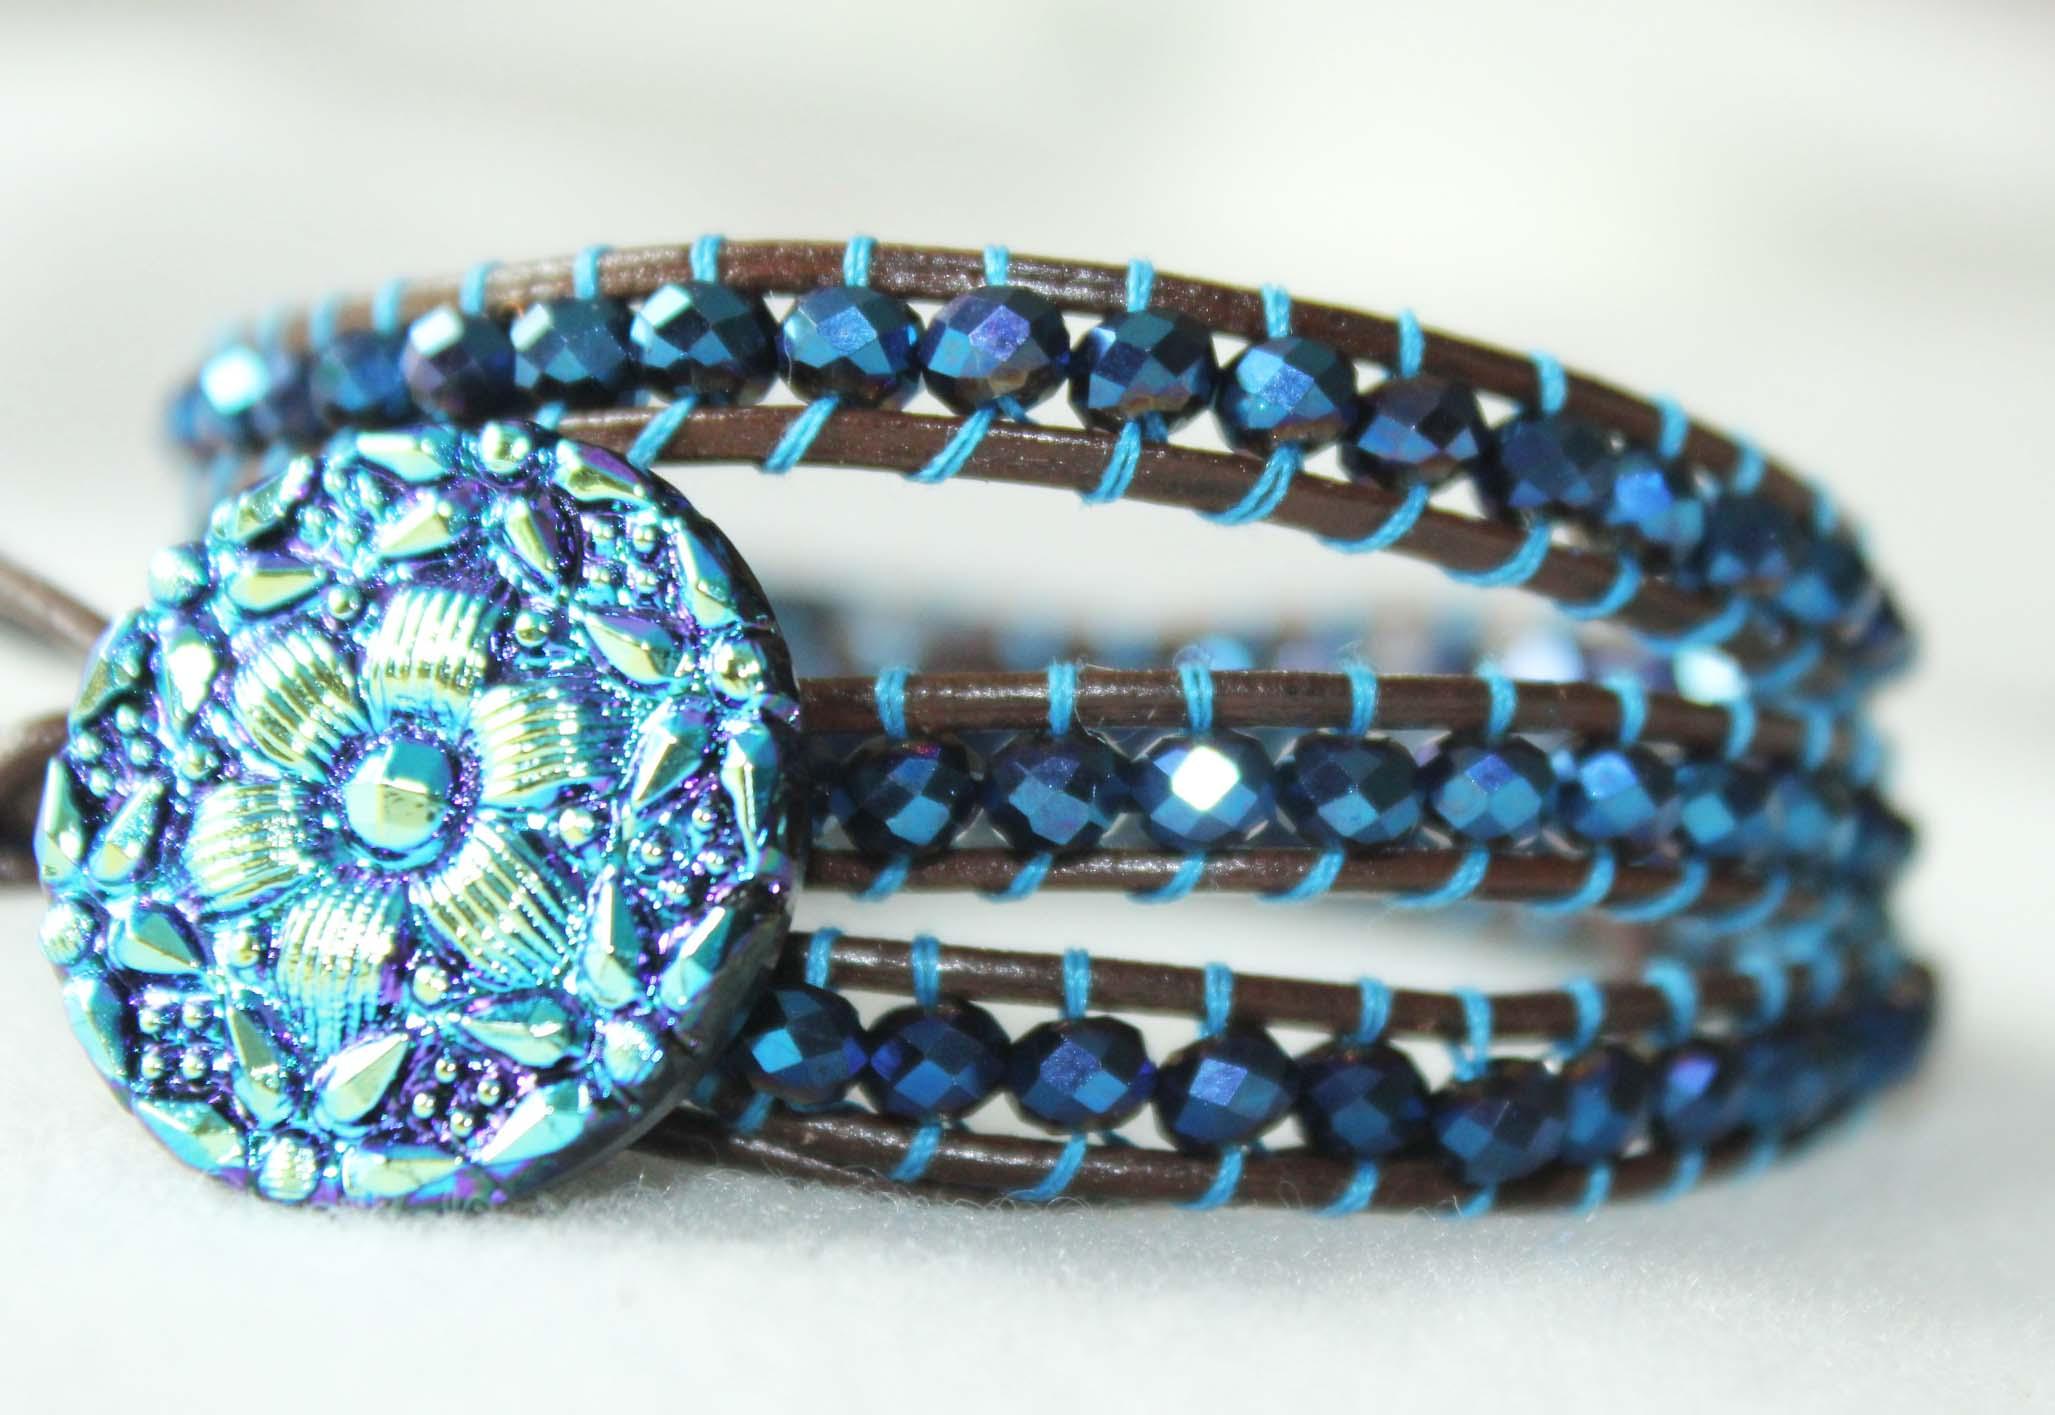 Finished Bead Wrap Bracelet